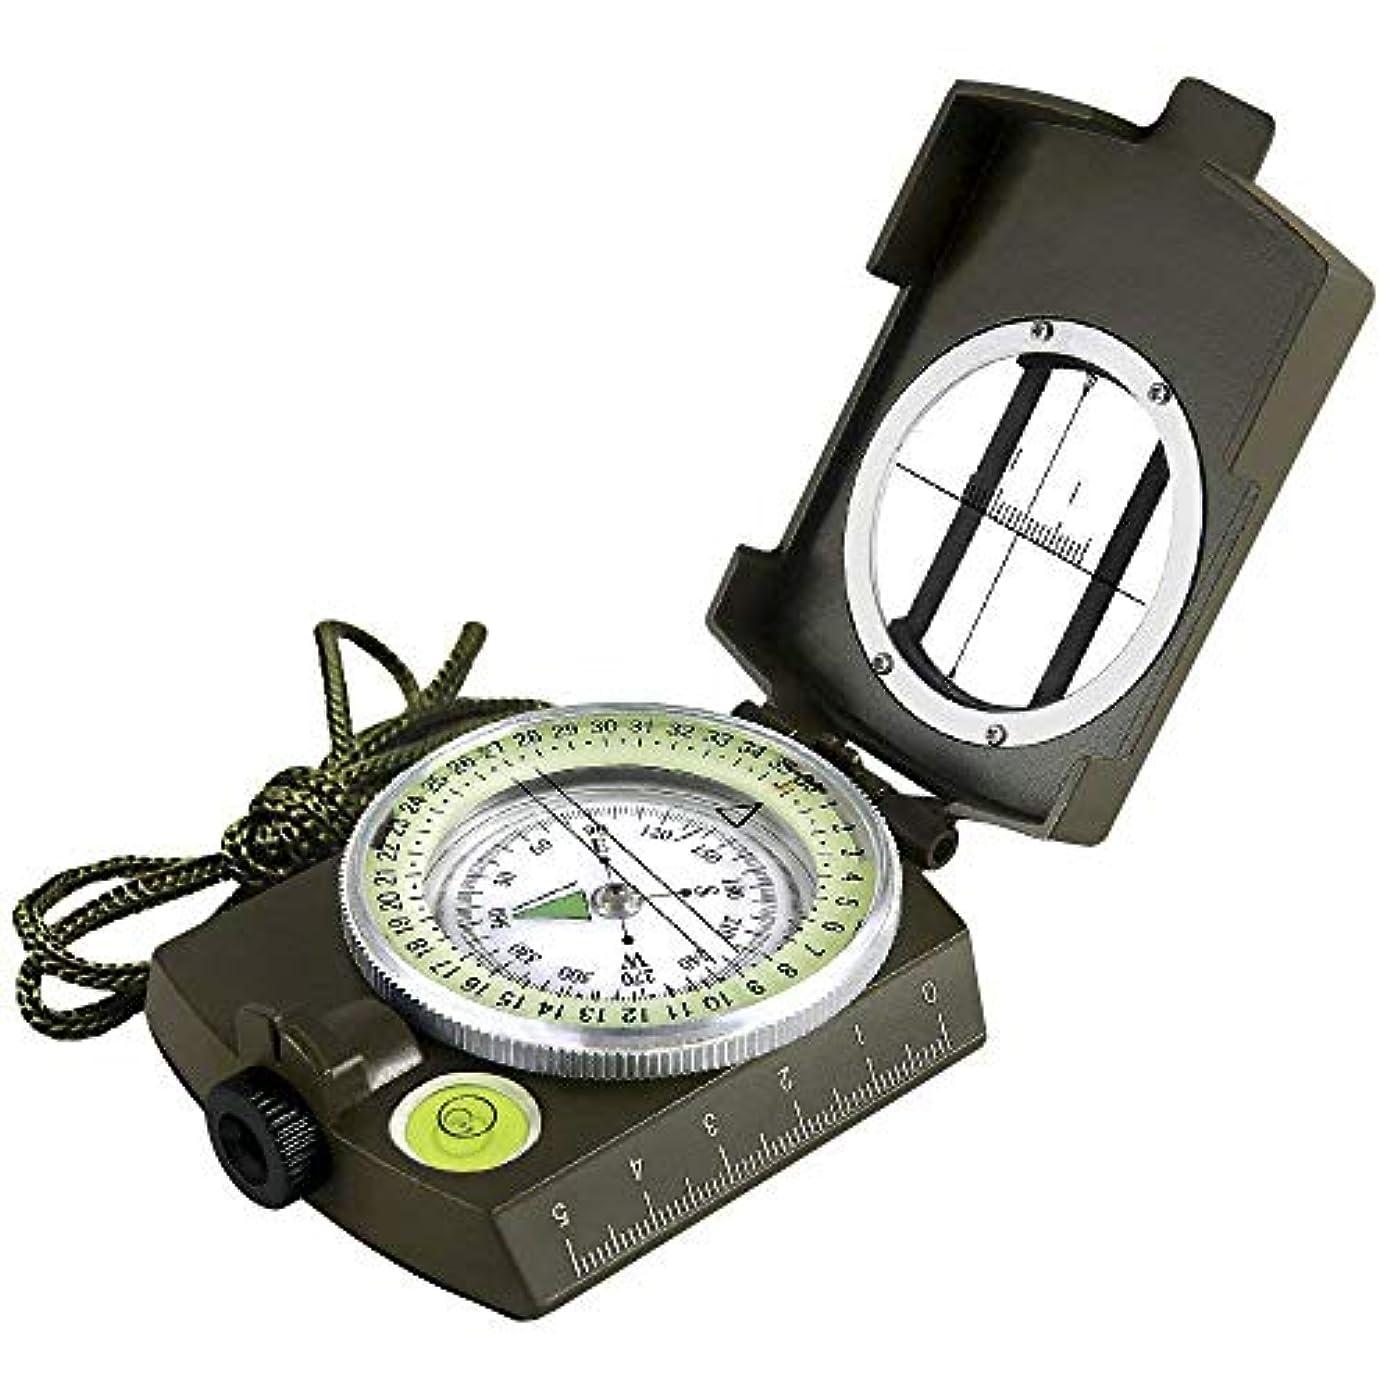 不快コンバーチブル防ぐEyeskey Multifunctional Military Army Metal Sighting Compass Waterproof for Outdoor Activities Green [並行輸入品]